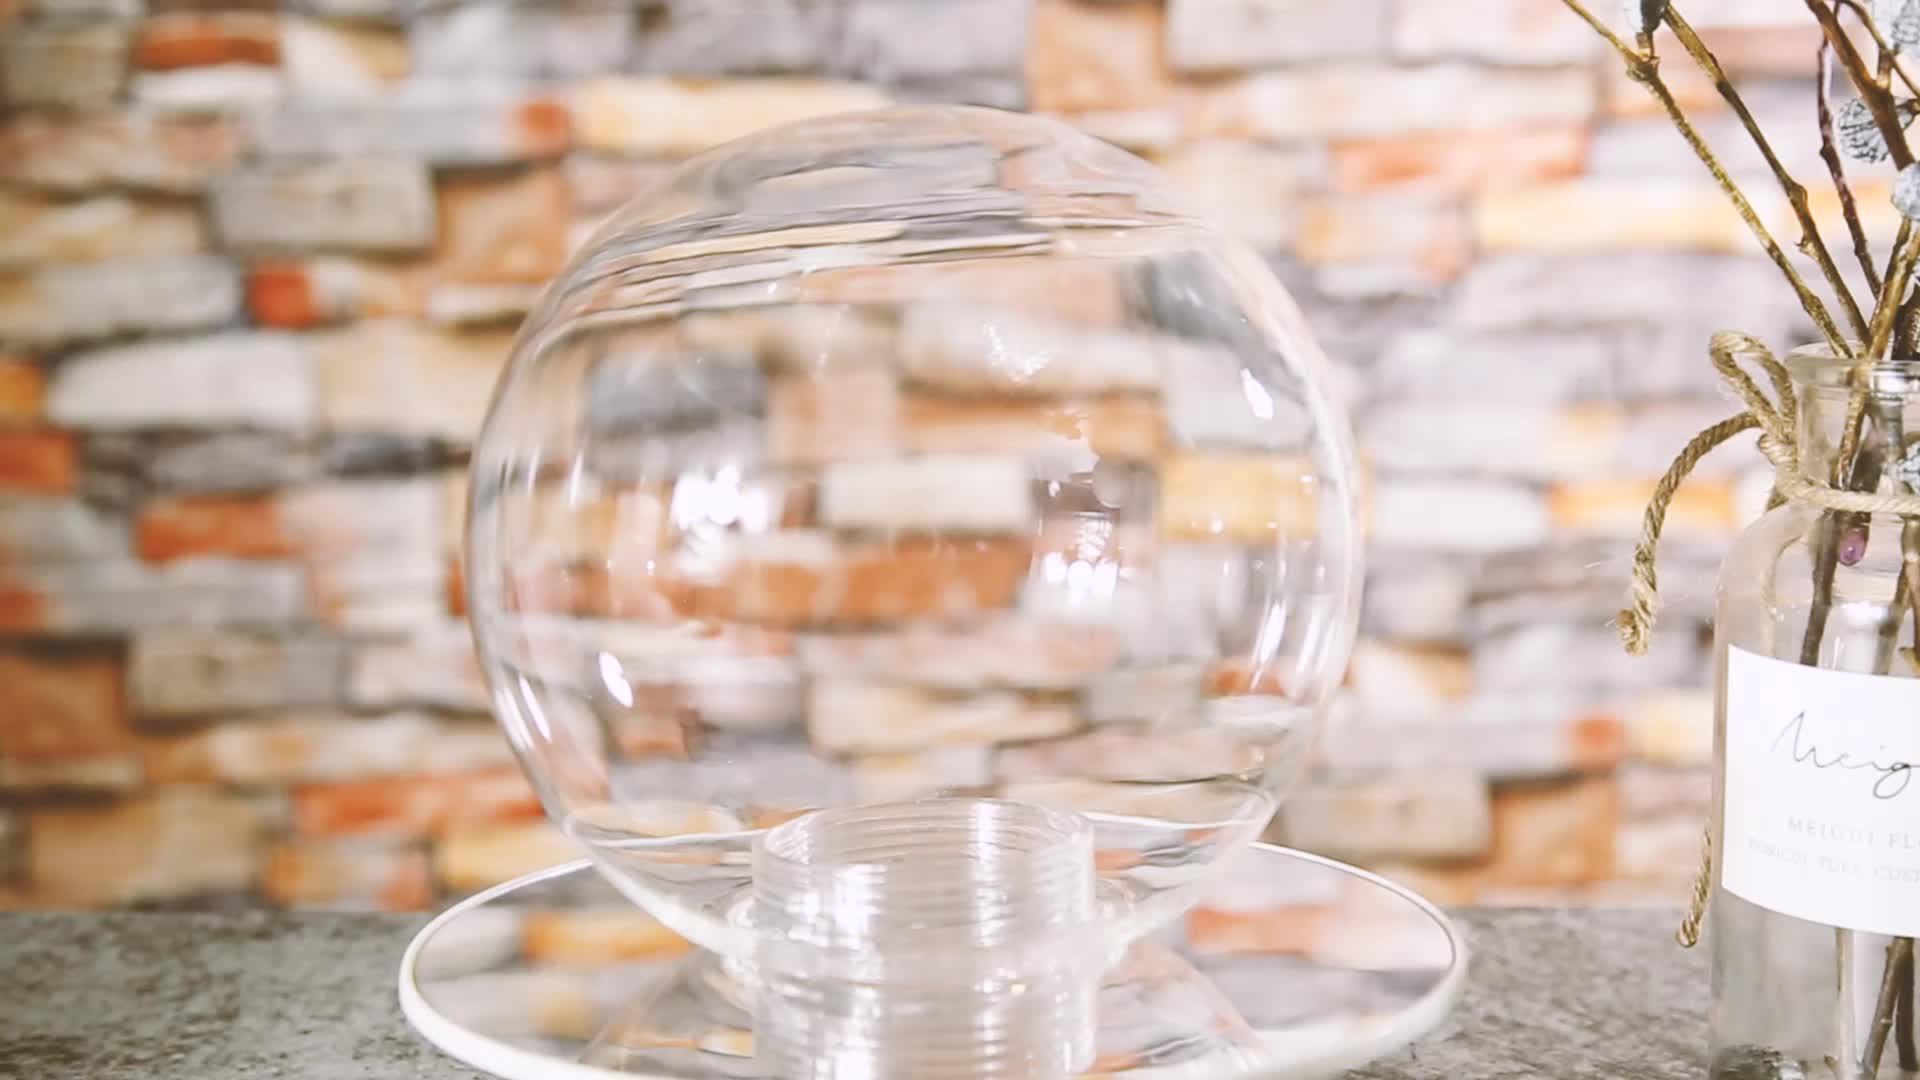 Diametro di 10 centimetri A Mano Colpo G9 Vite Bianco Latte Glassato di Vetro Appeso Lampada della Sfera di Illuminazione Ombra per Interni Luce Del Pendente